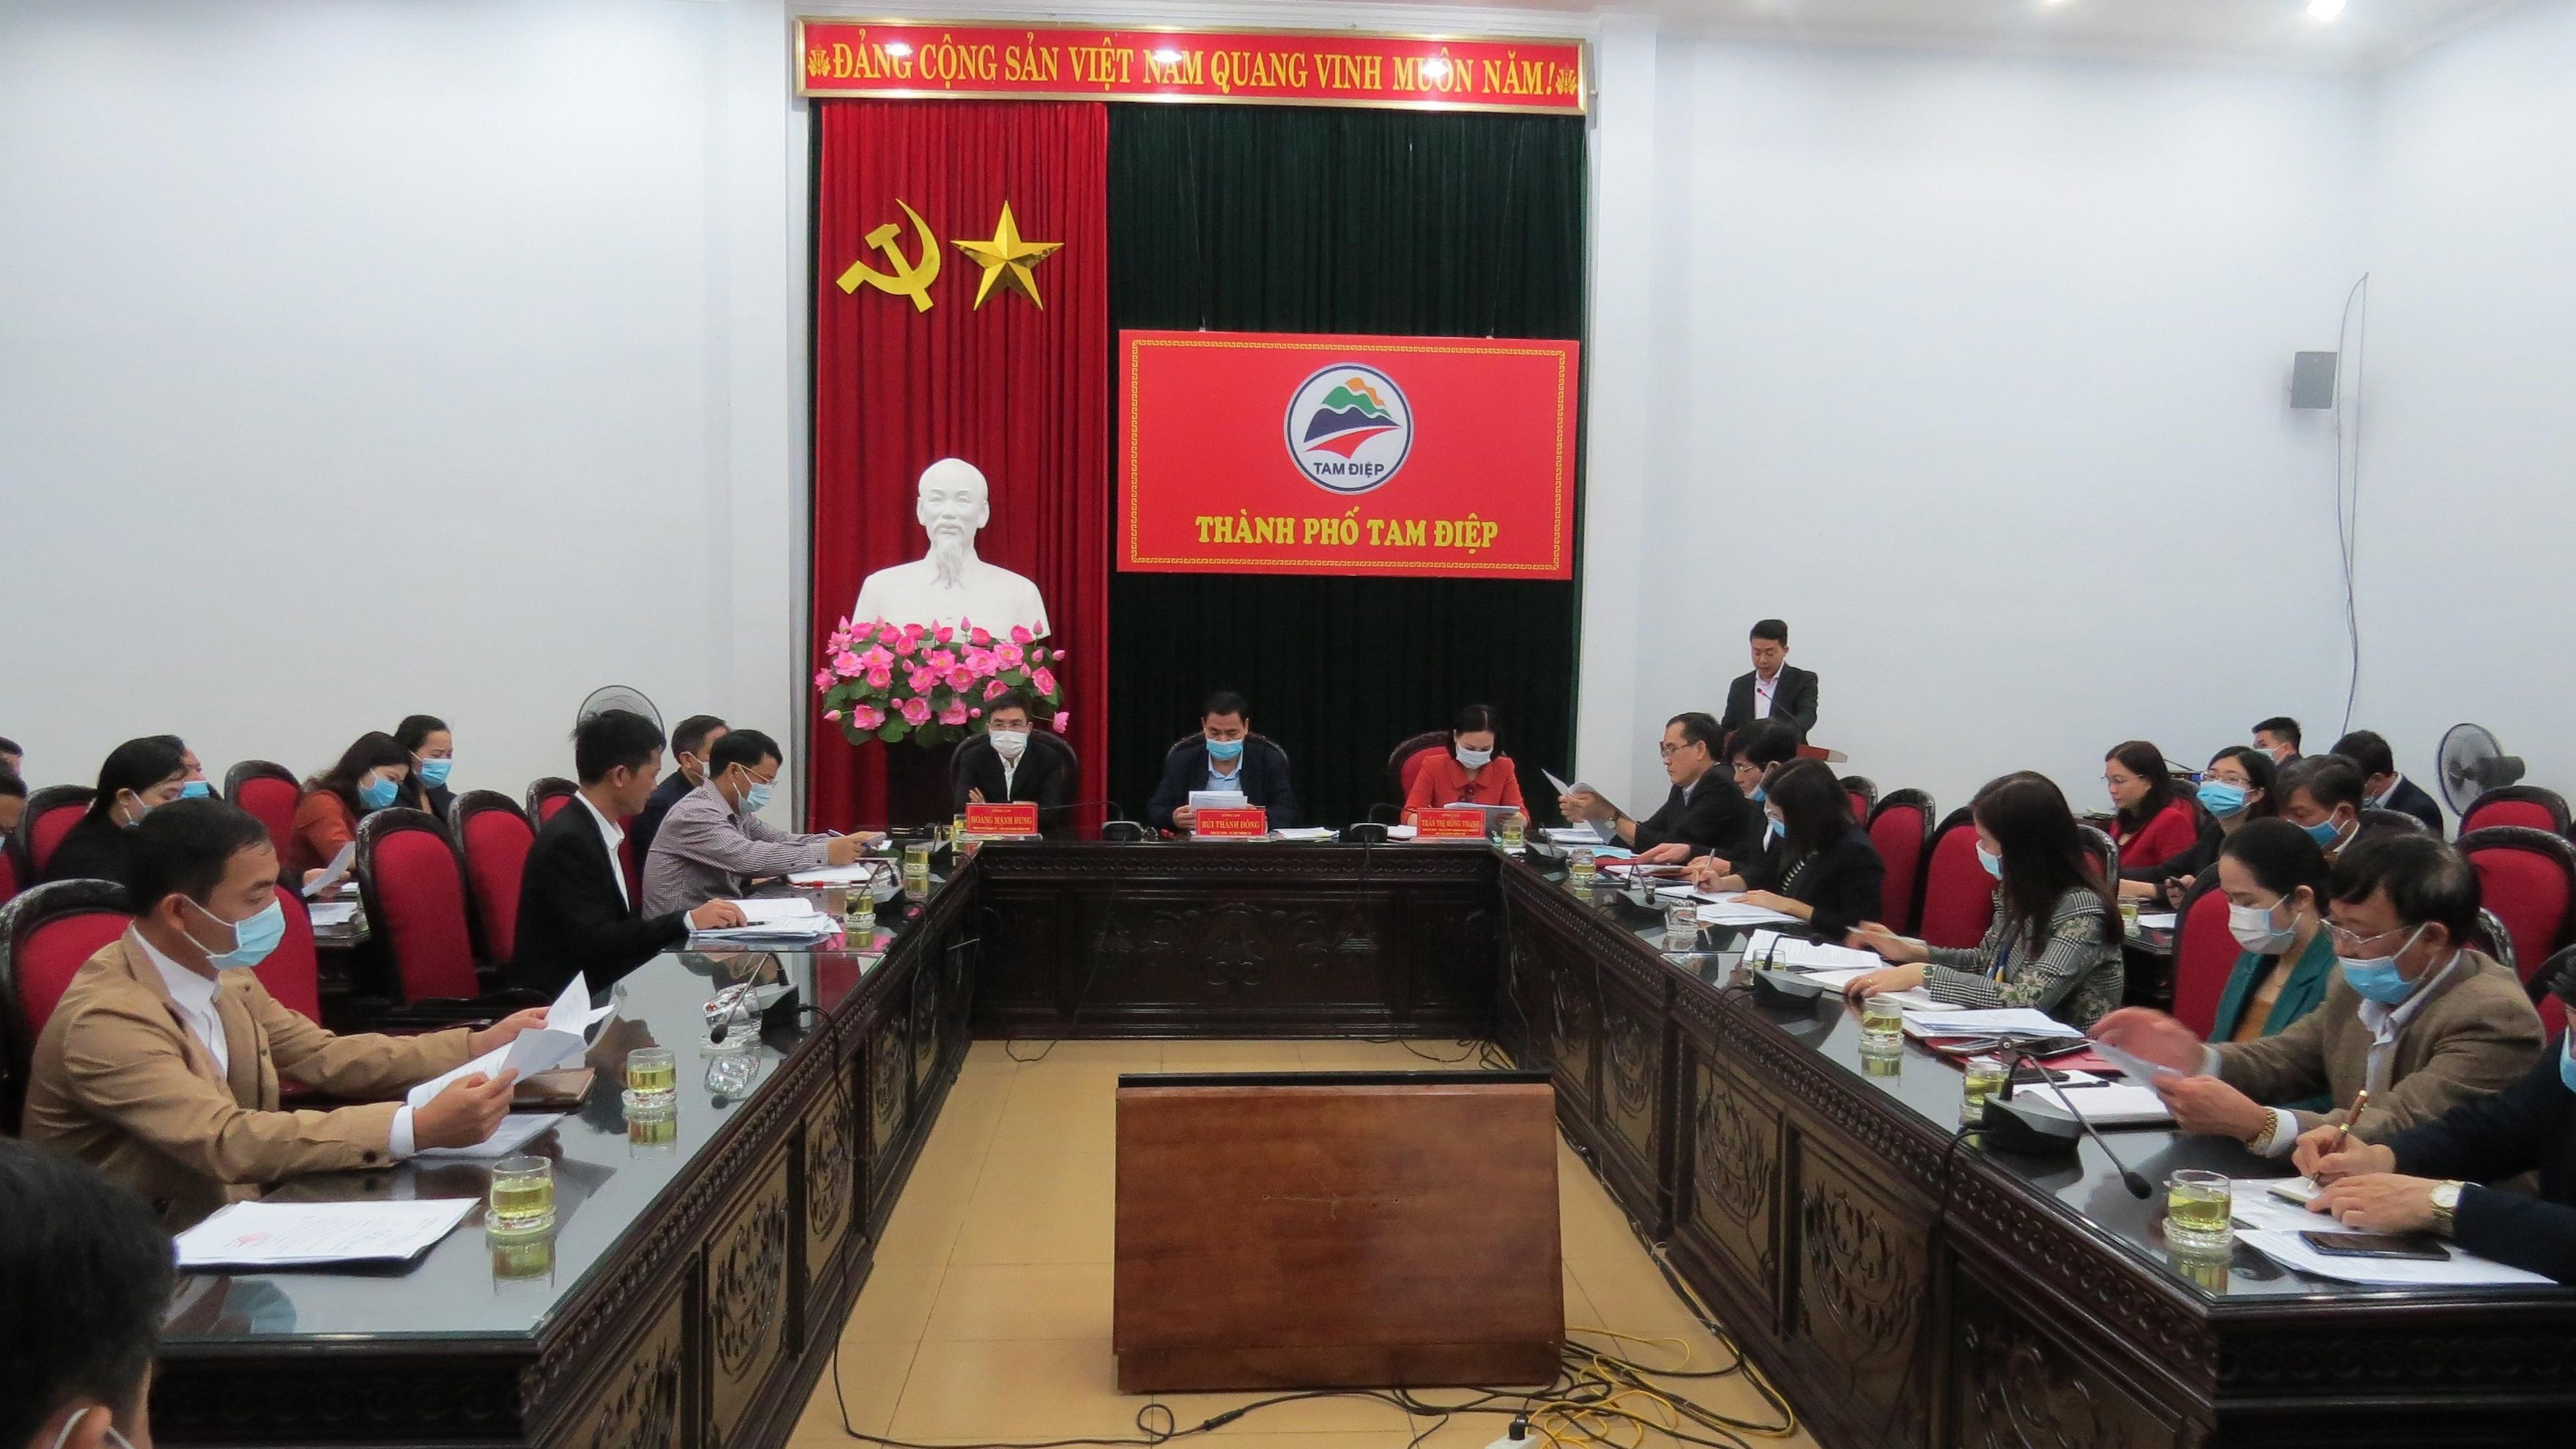 Hội nghị triển khai công tác bầu cử đại biểu HĐND thành phố Tam Điệp nhiệm kỳ 2021 – 2026